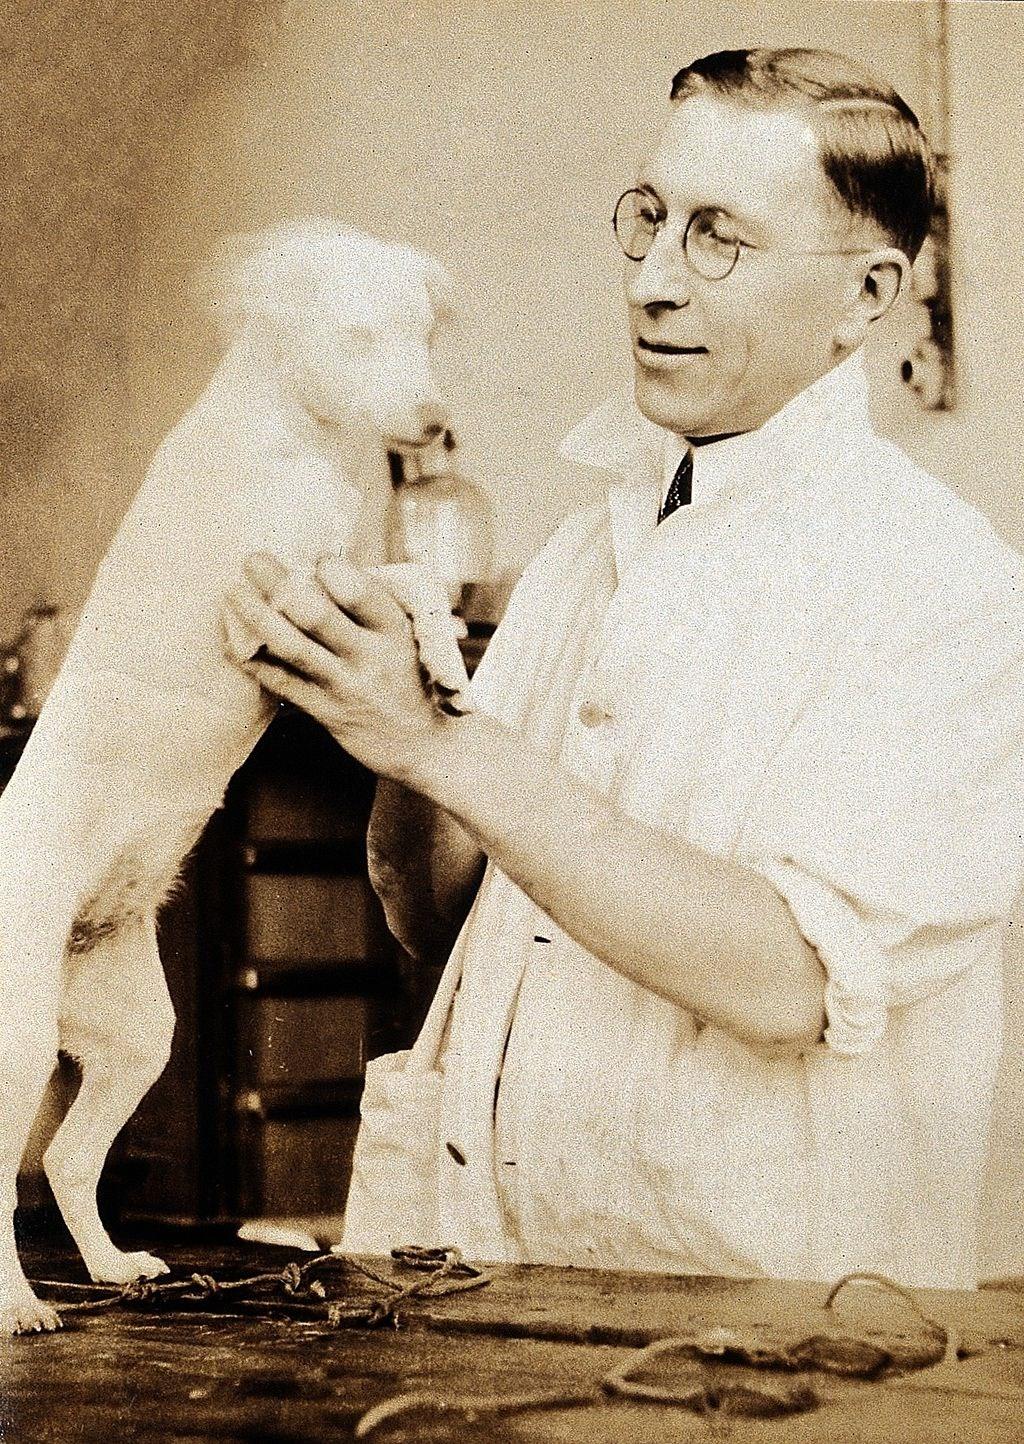 糖尿病患救命武器「胰島素」的開發幕後功臣,是人類最好的朋友「狗」。圖為成功製造胰島素的弗雷德里克.班廷與實驗狗。(圖取自維基共享資源;作者Wellcome Collection,CC BY-SA 4.0)